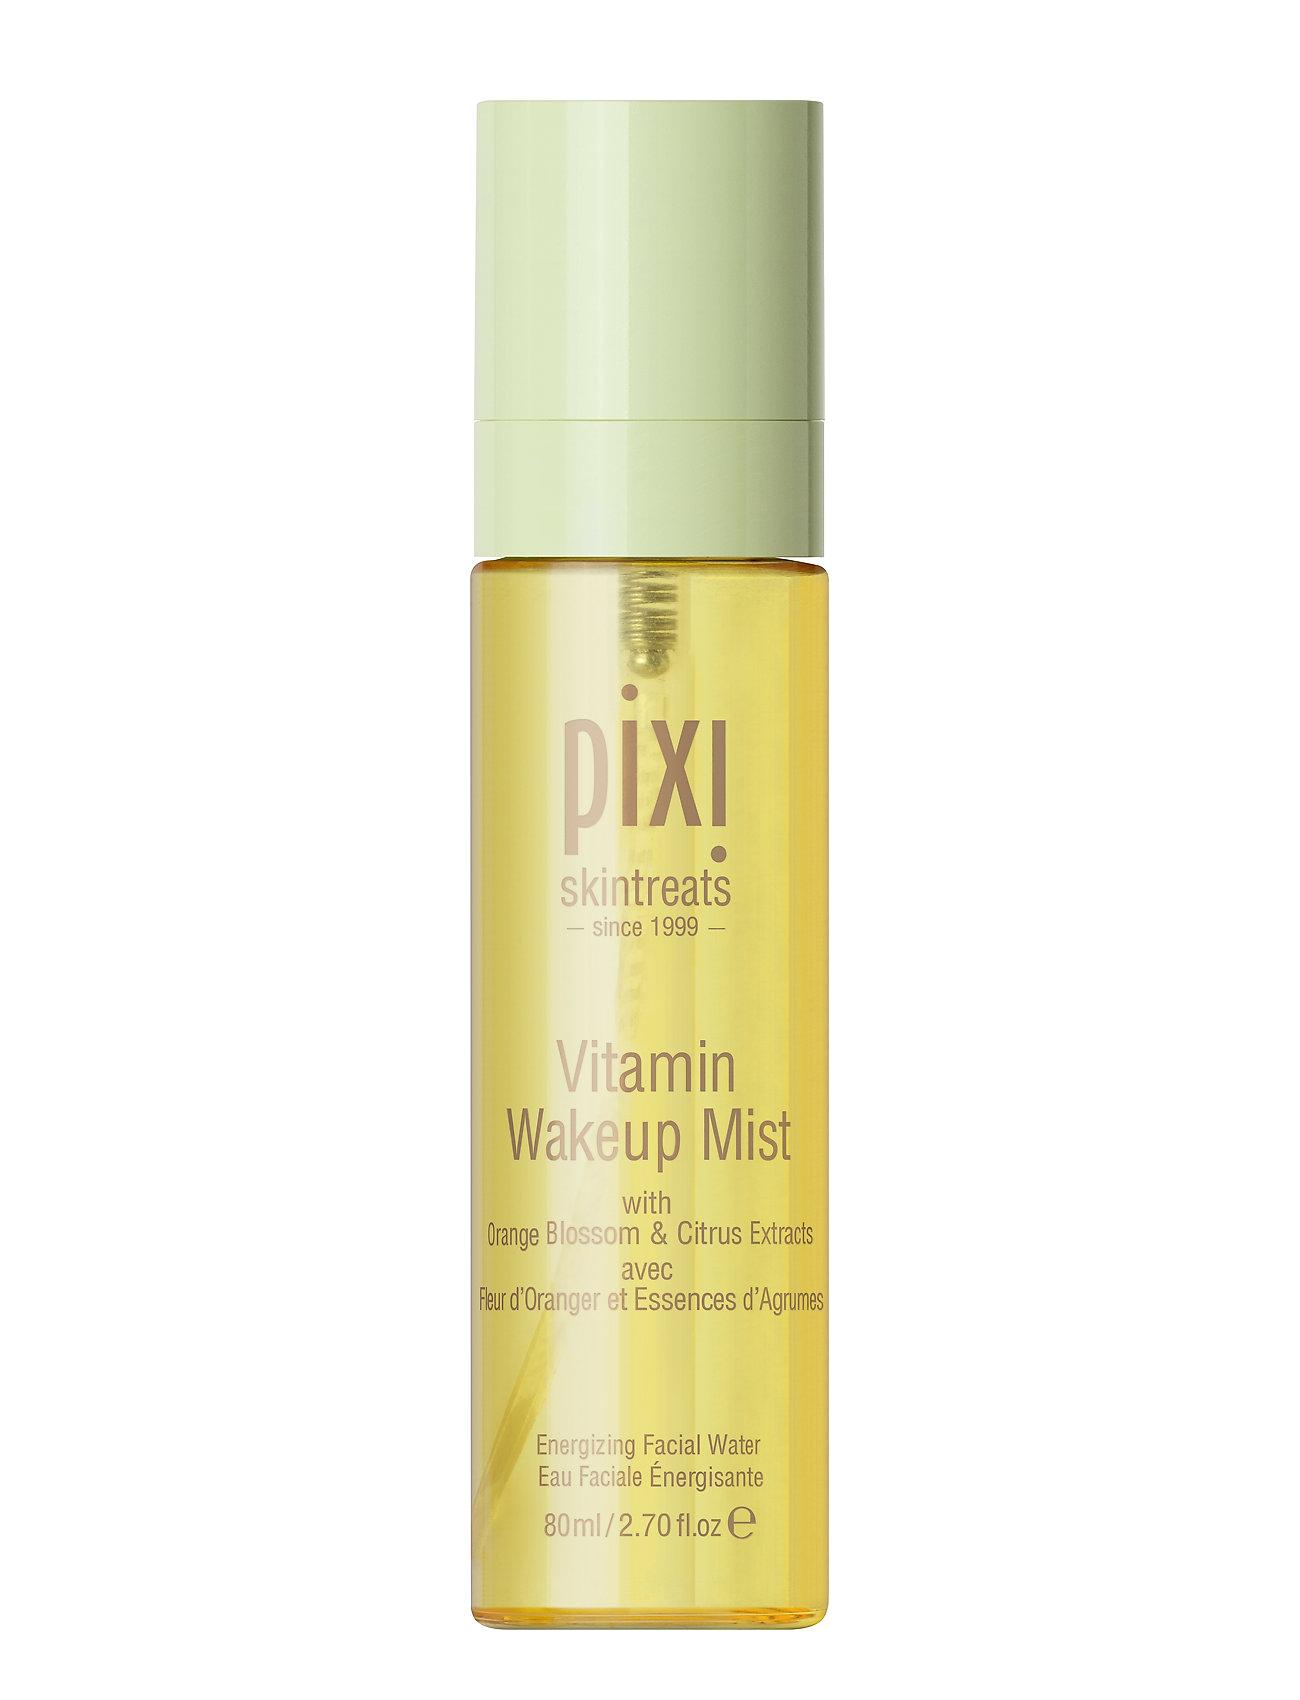 Image of Vitamin Wakeup Mist Beauty WOMEN Skin Care Face Face Mist Nude Pixi (3215788259)